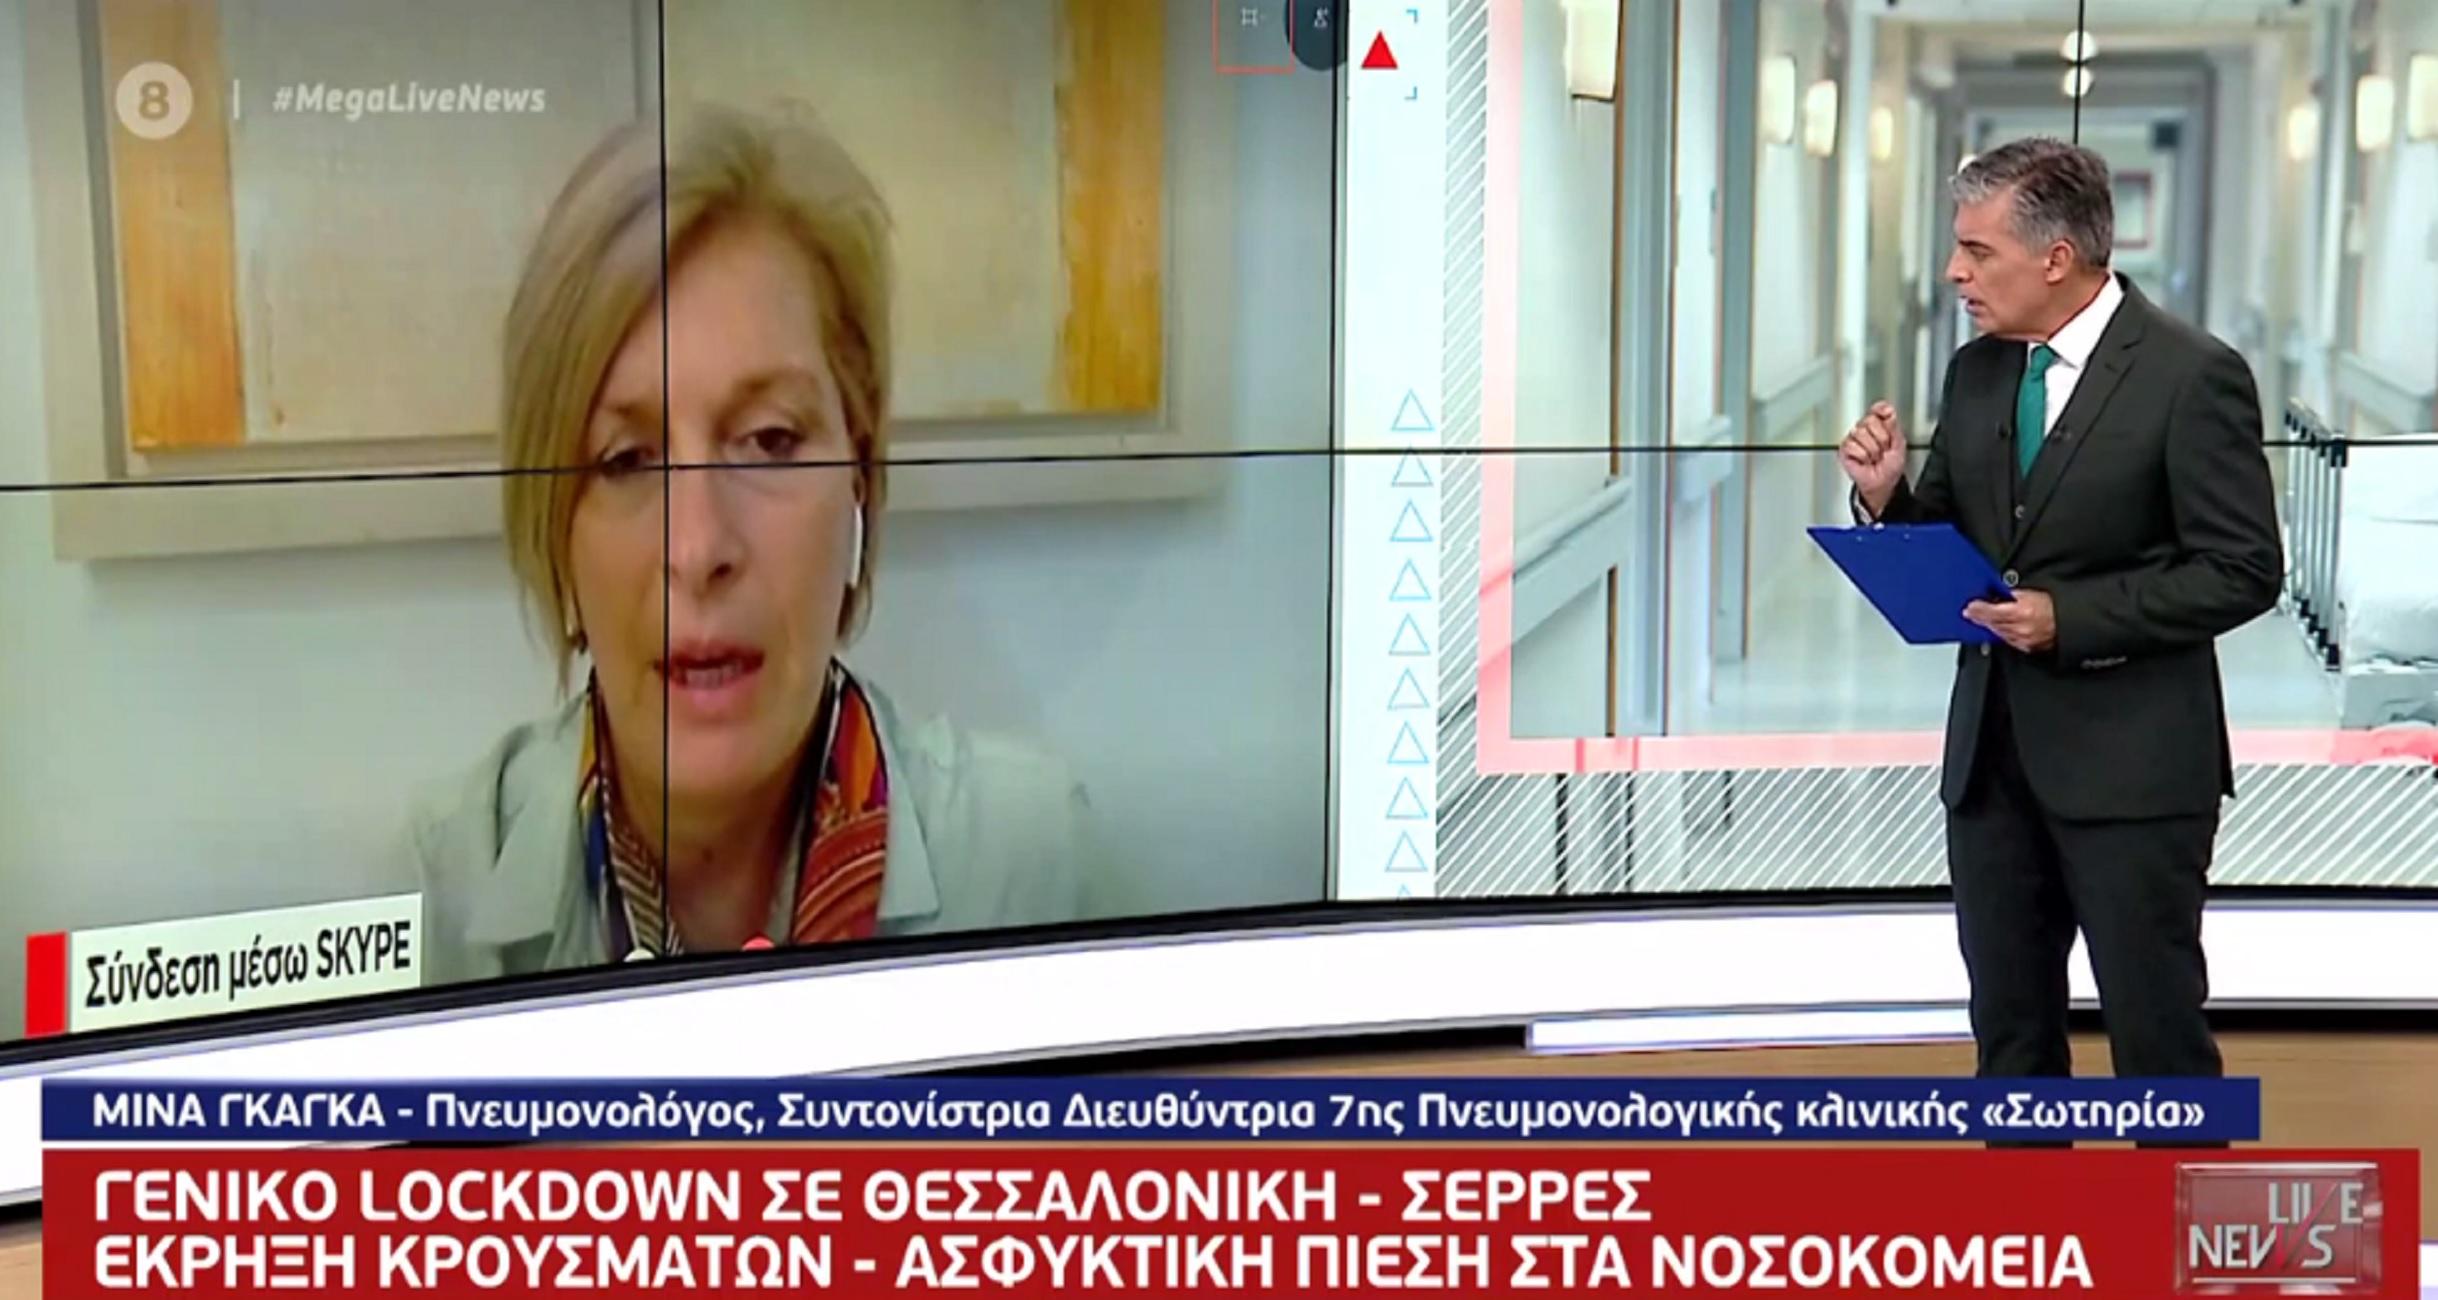 Γκάγκα σε Live News: 300% πάνω οι νοσηλευόμενοι στη Θεσσαλονίκη